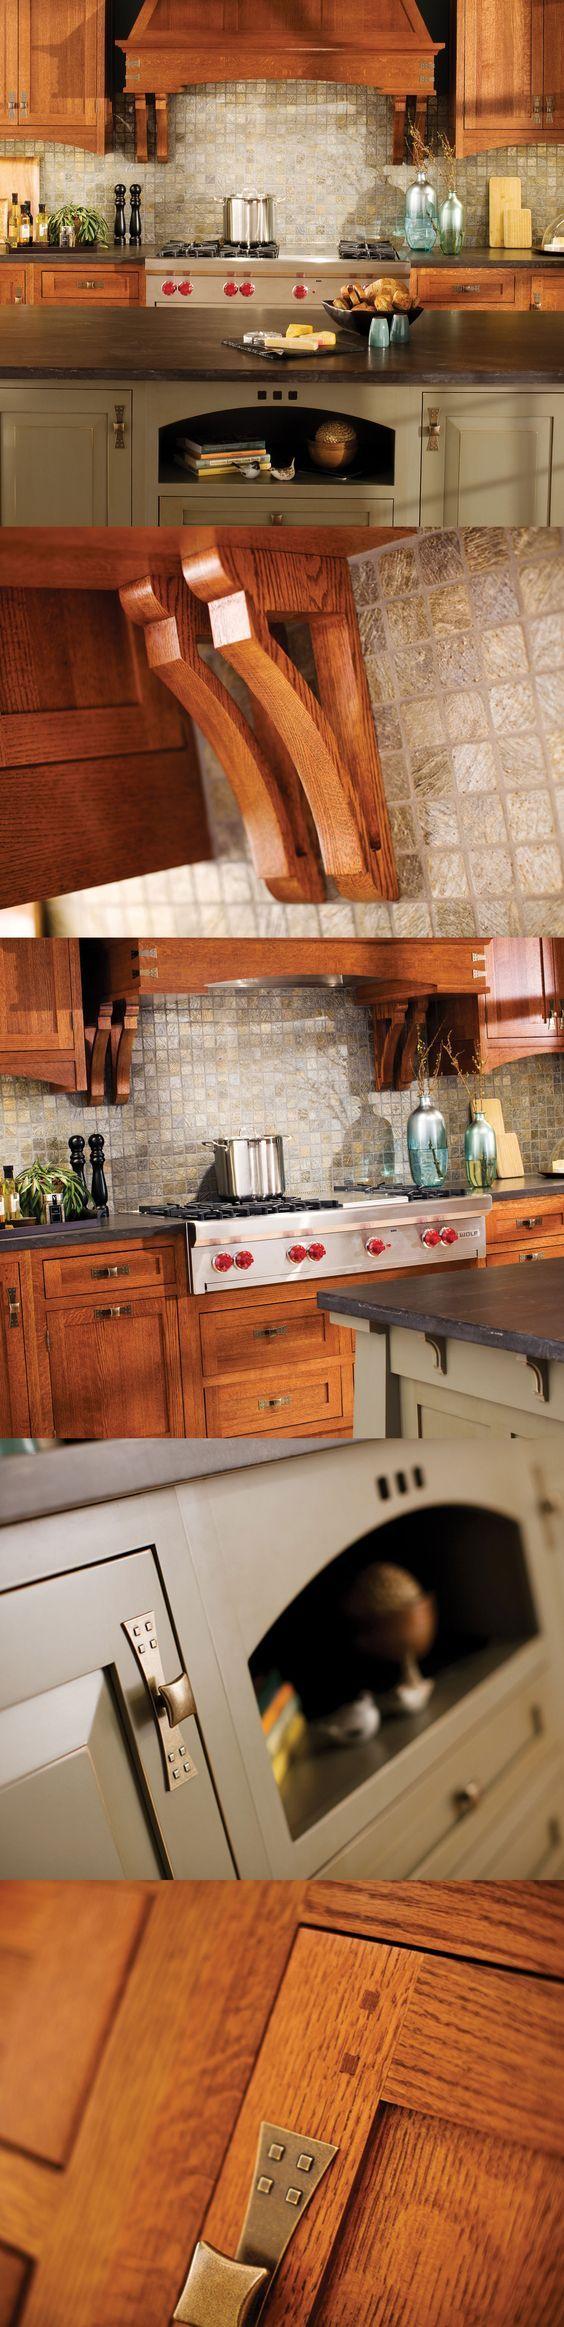 #Craftsman #Kitchen Design in Dura Supreme #Cabinetry